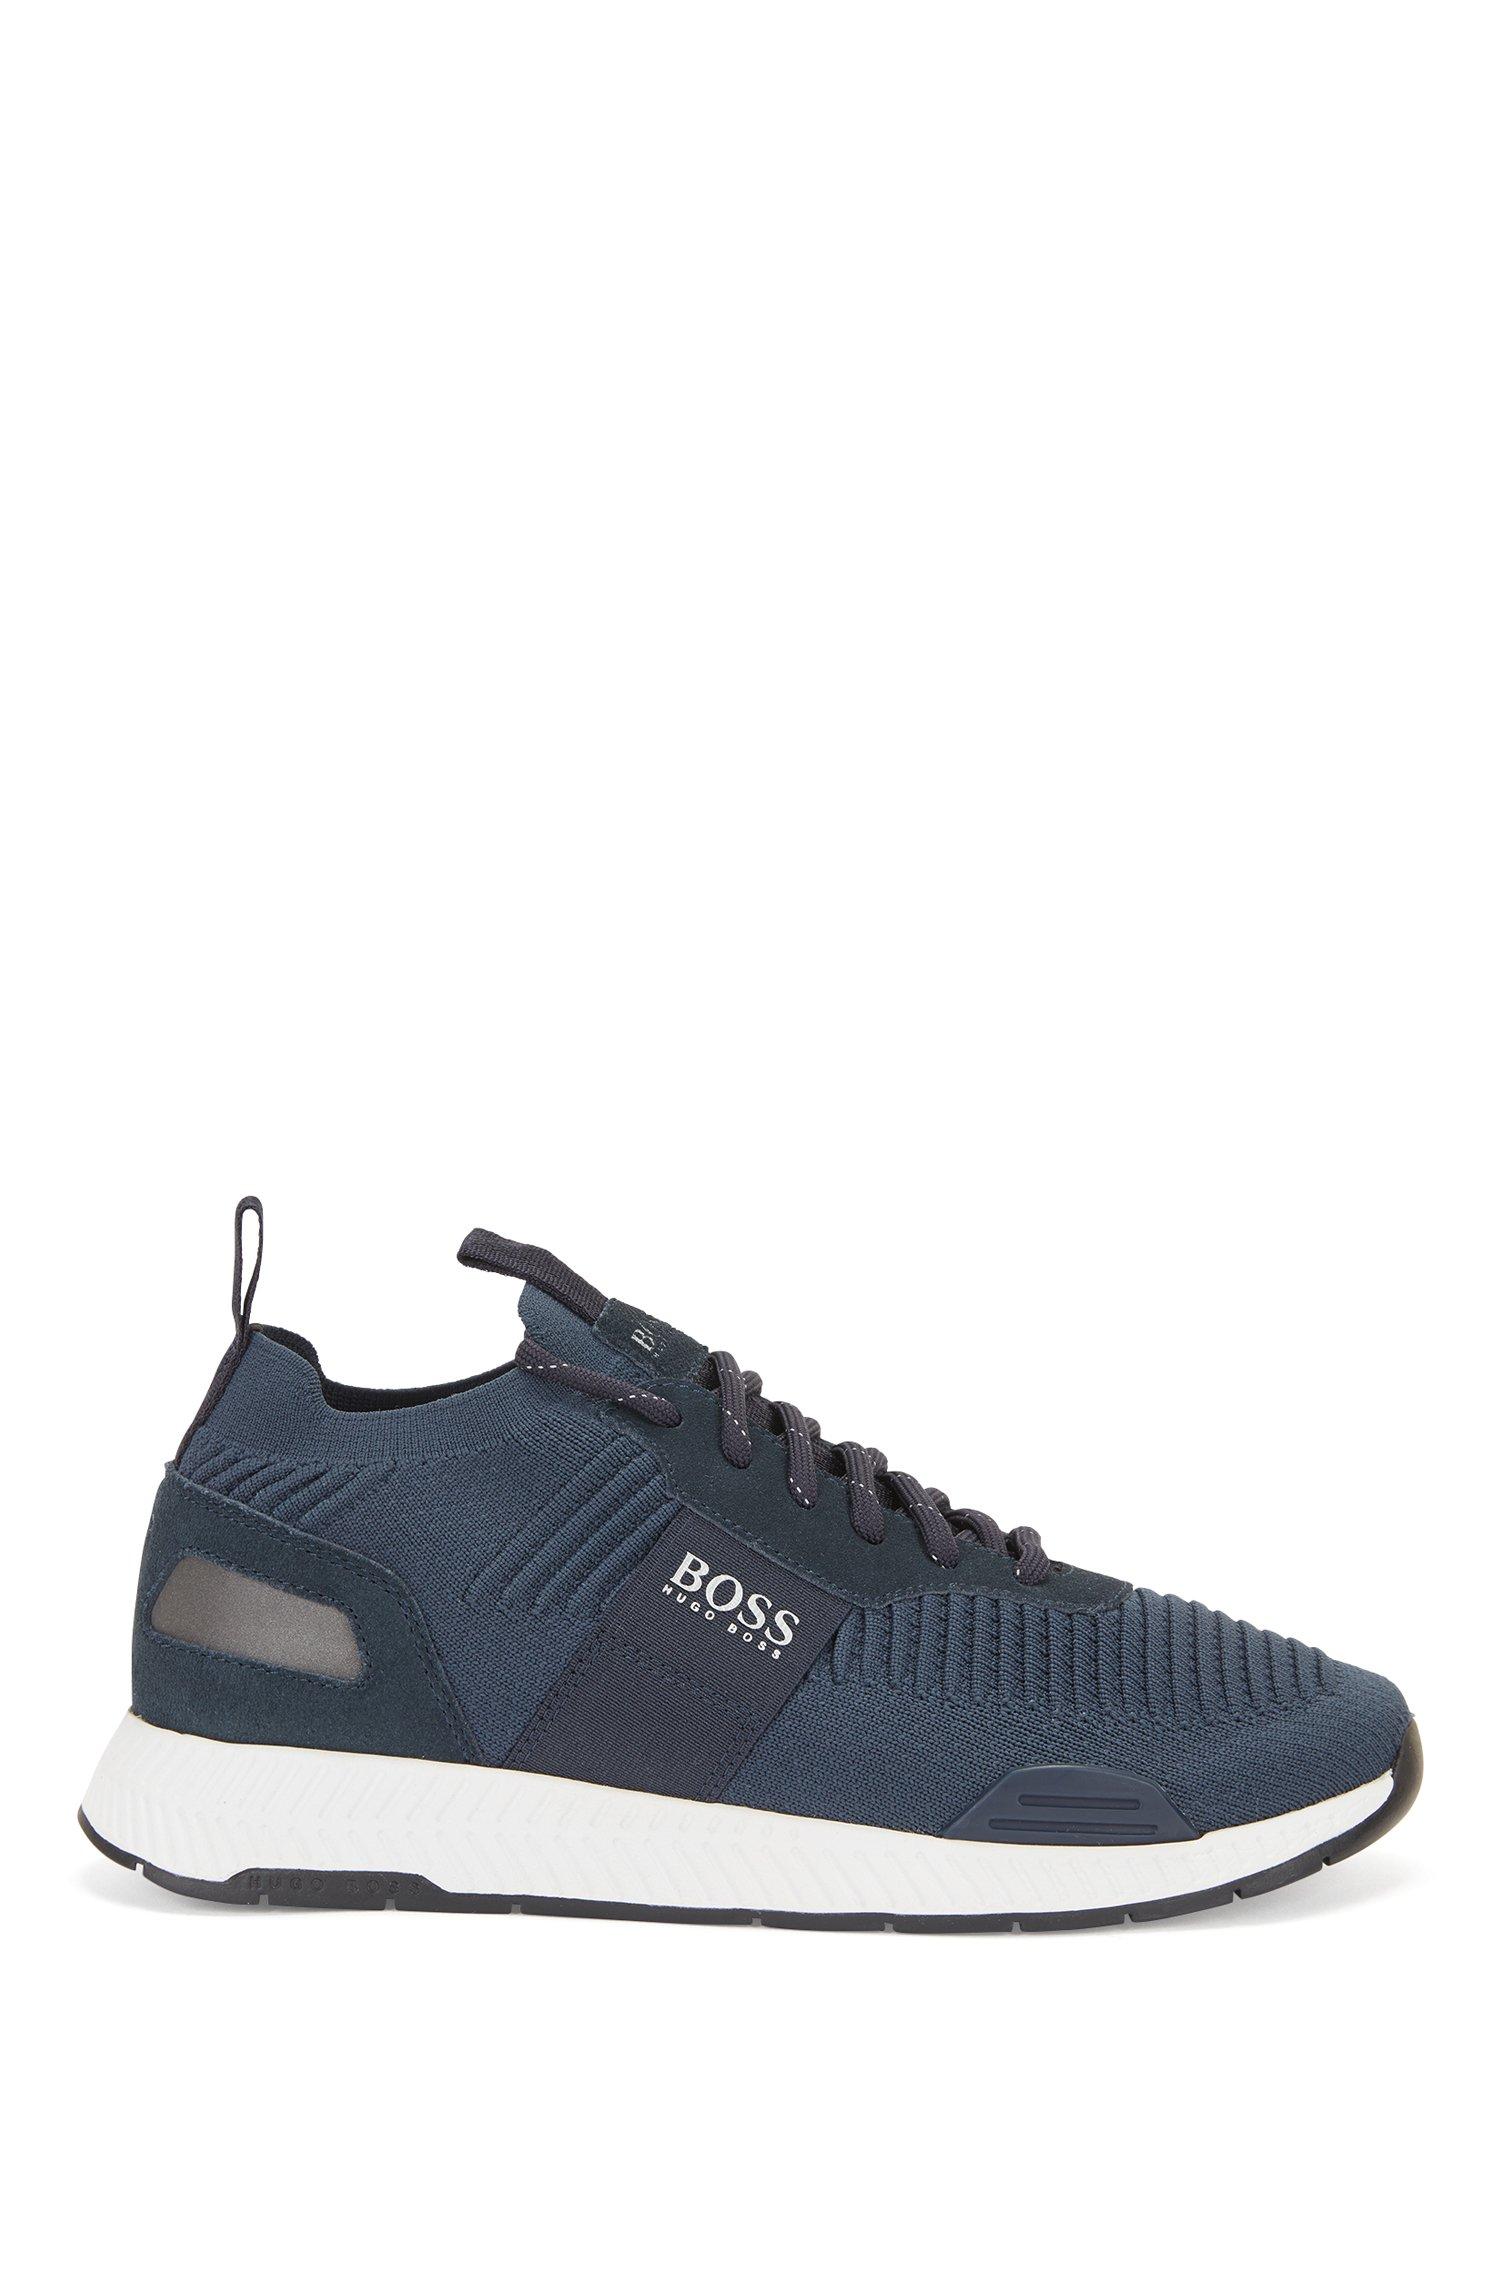 Baskets style chaussettes avec tige en maille REPREVE®, Bleu foncé